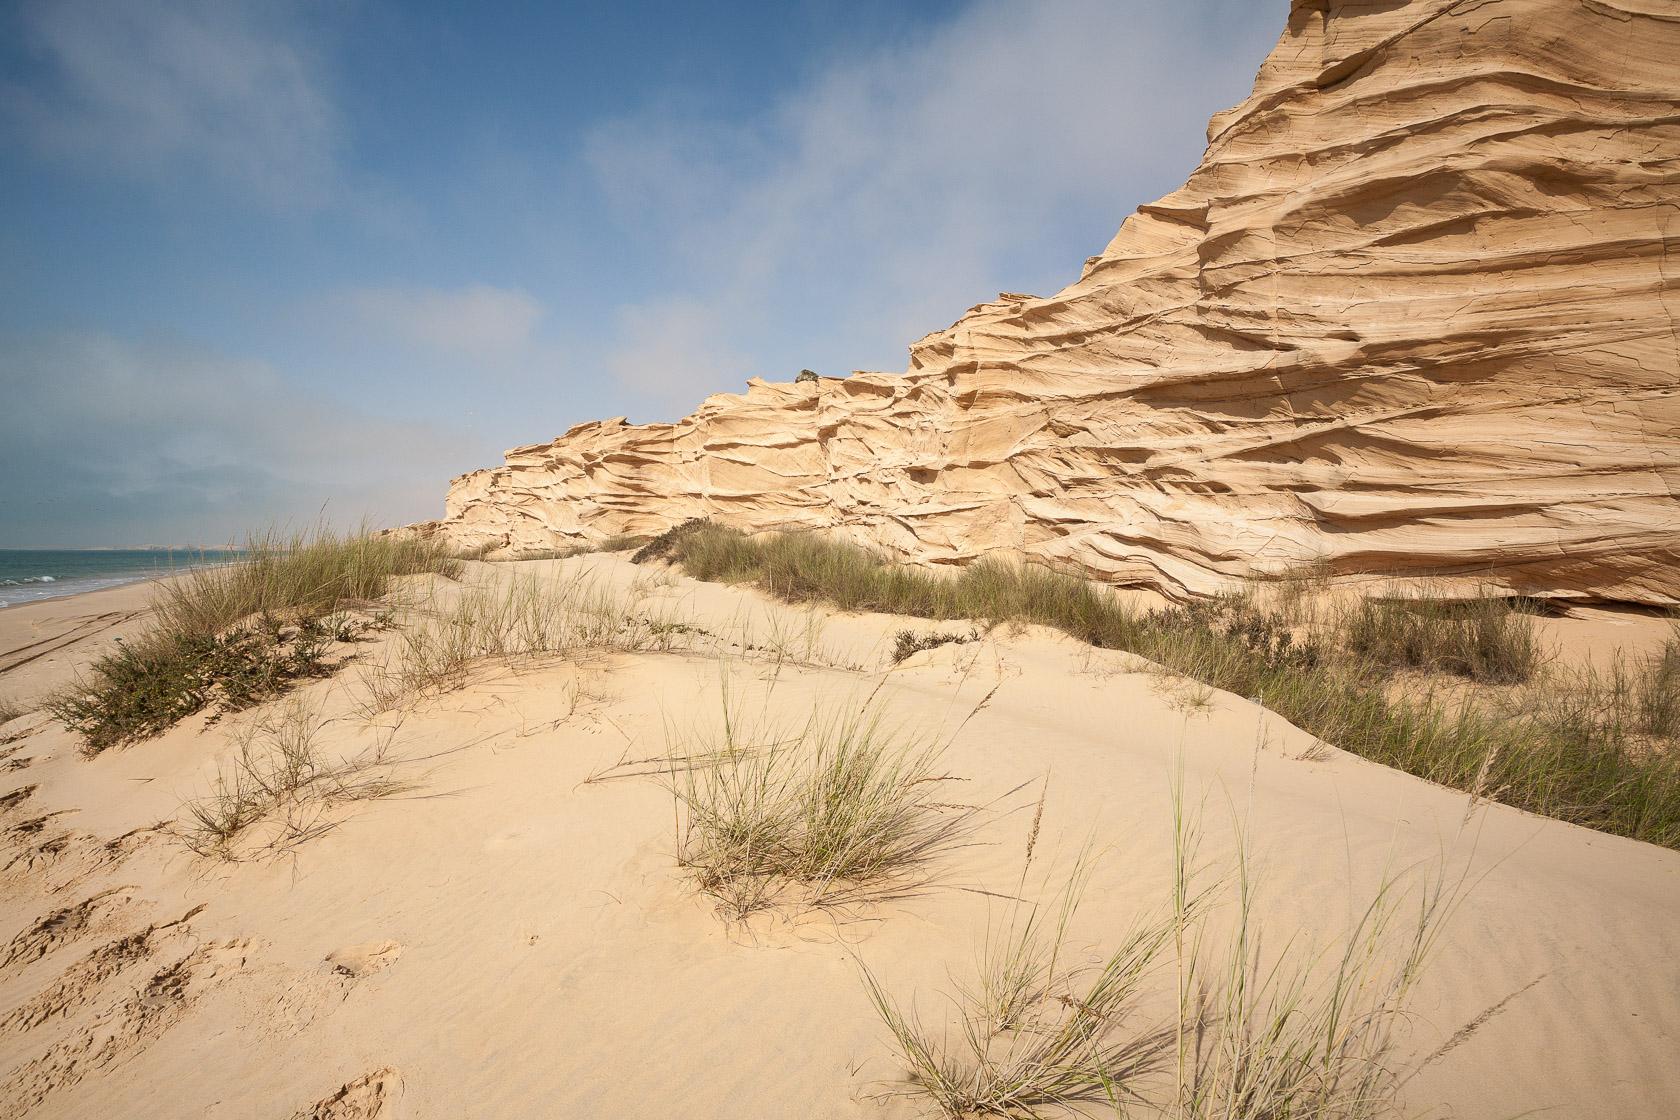 Dunes fossiles entre l'océan indien et le désert de Ramlat Al Wahiba